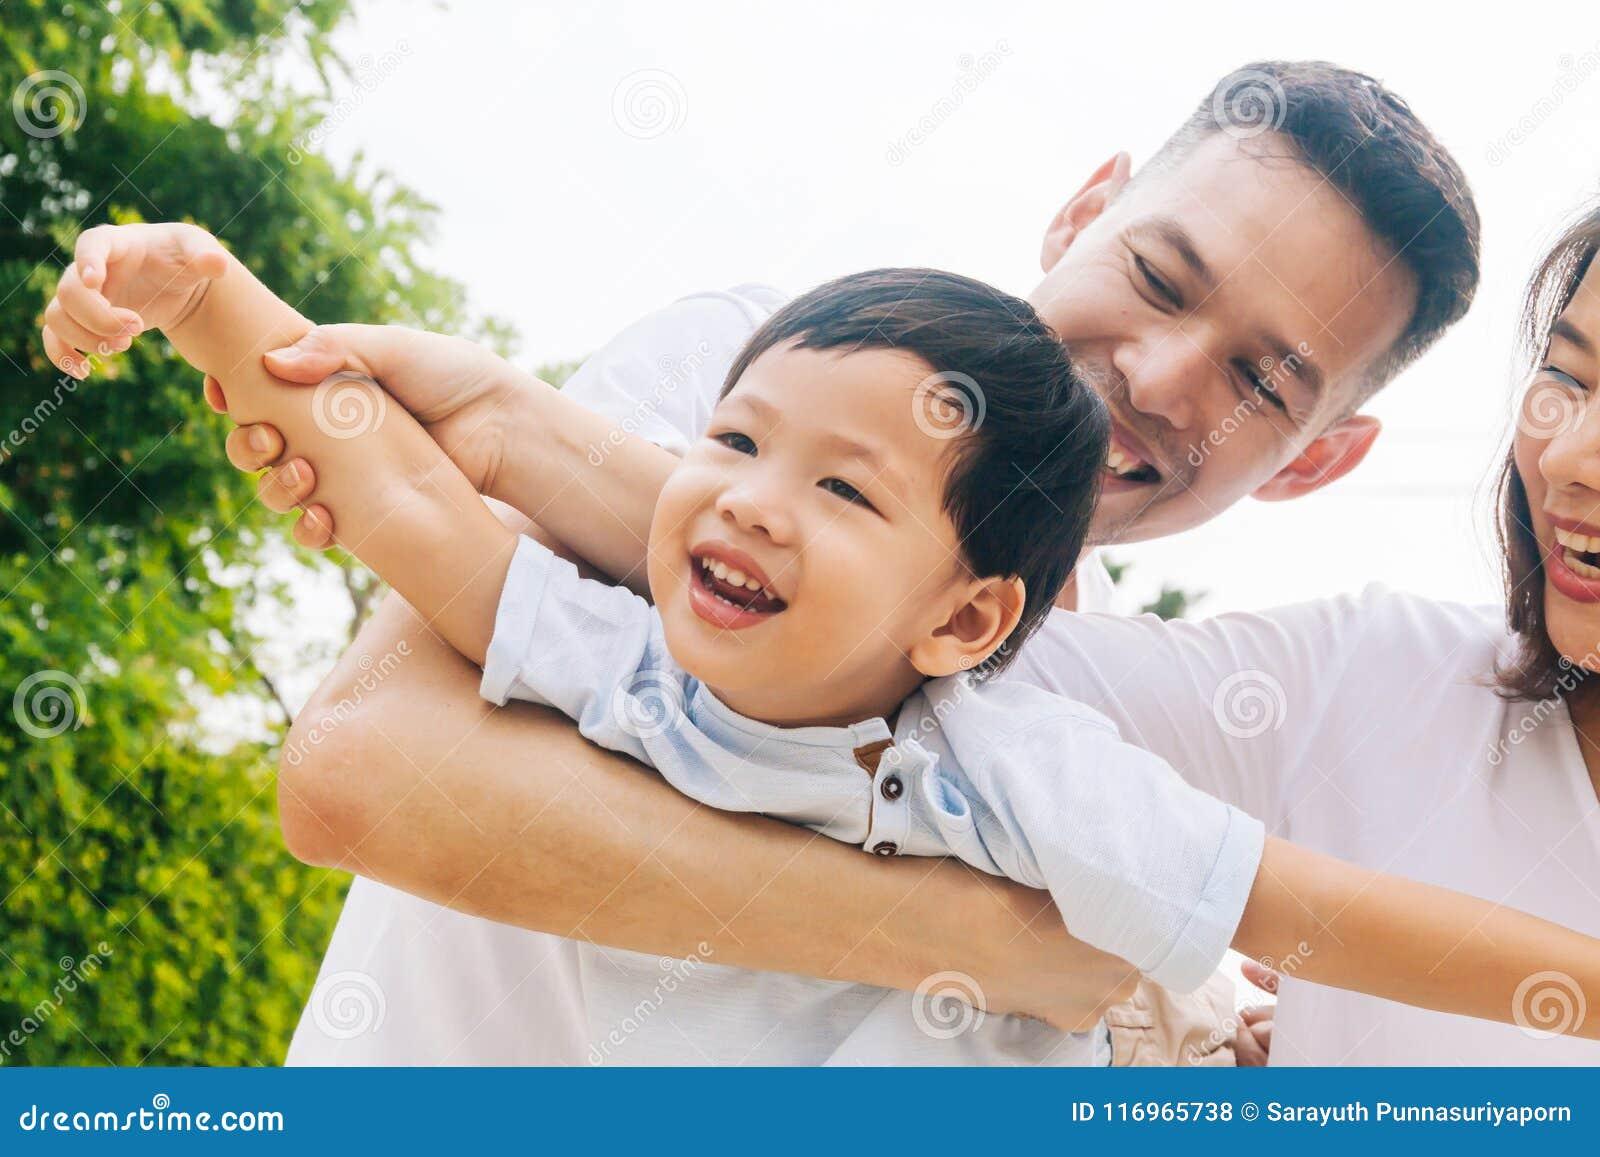 Den asiatiska familjen som har roligt och bär ett barn parkerar offentligt